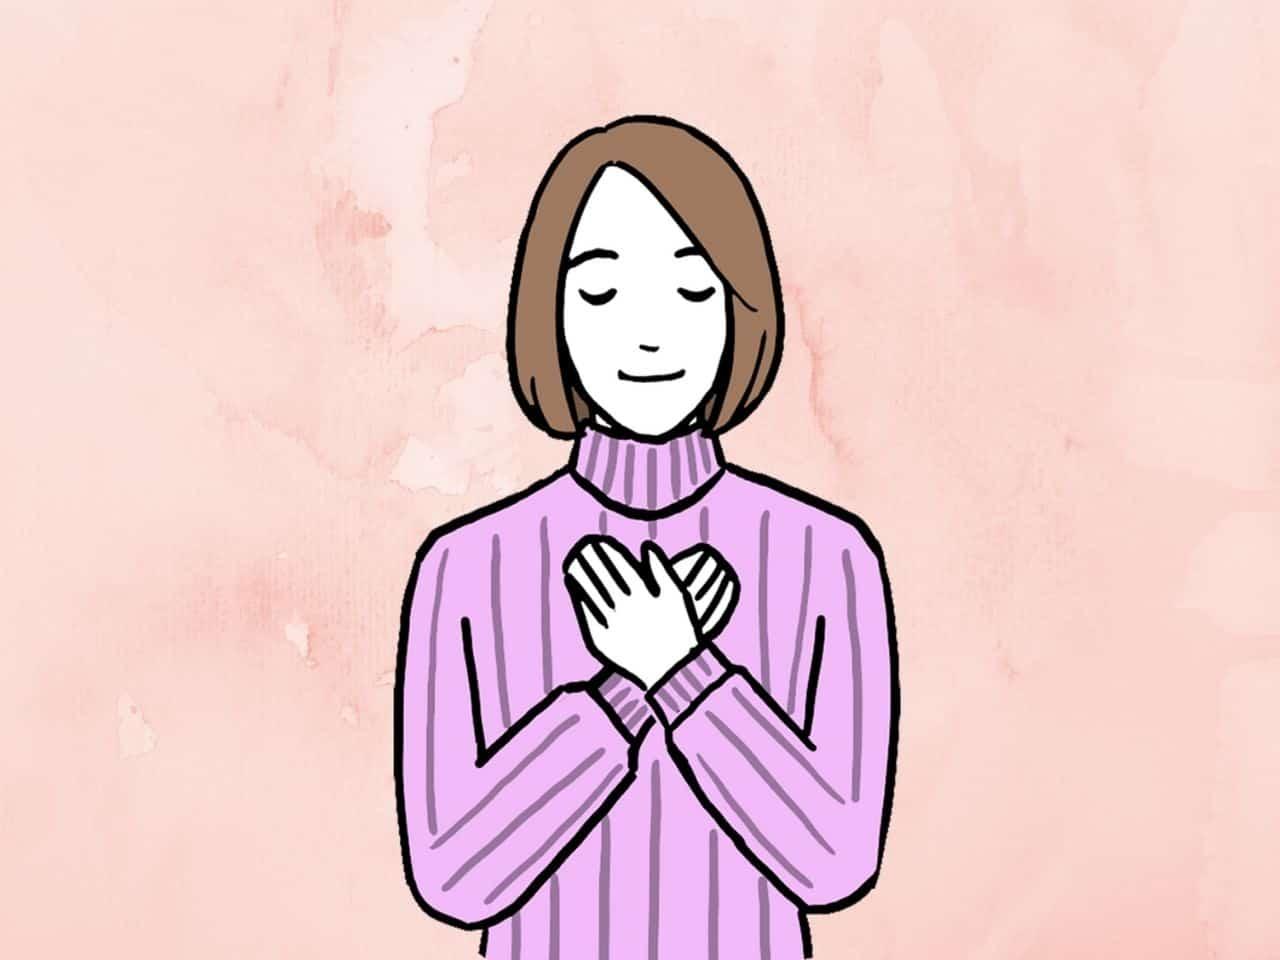 両手を胸にあて安心する女性